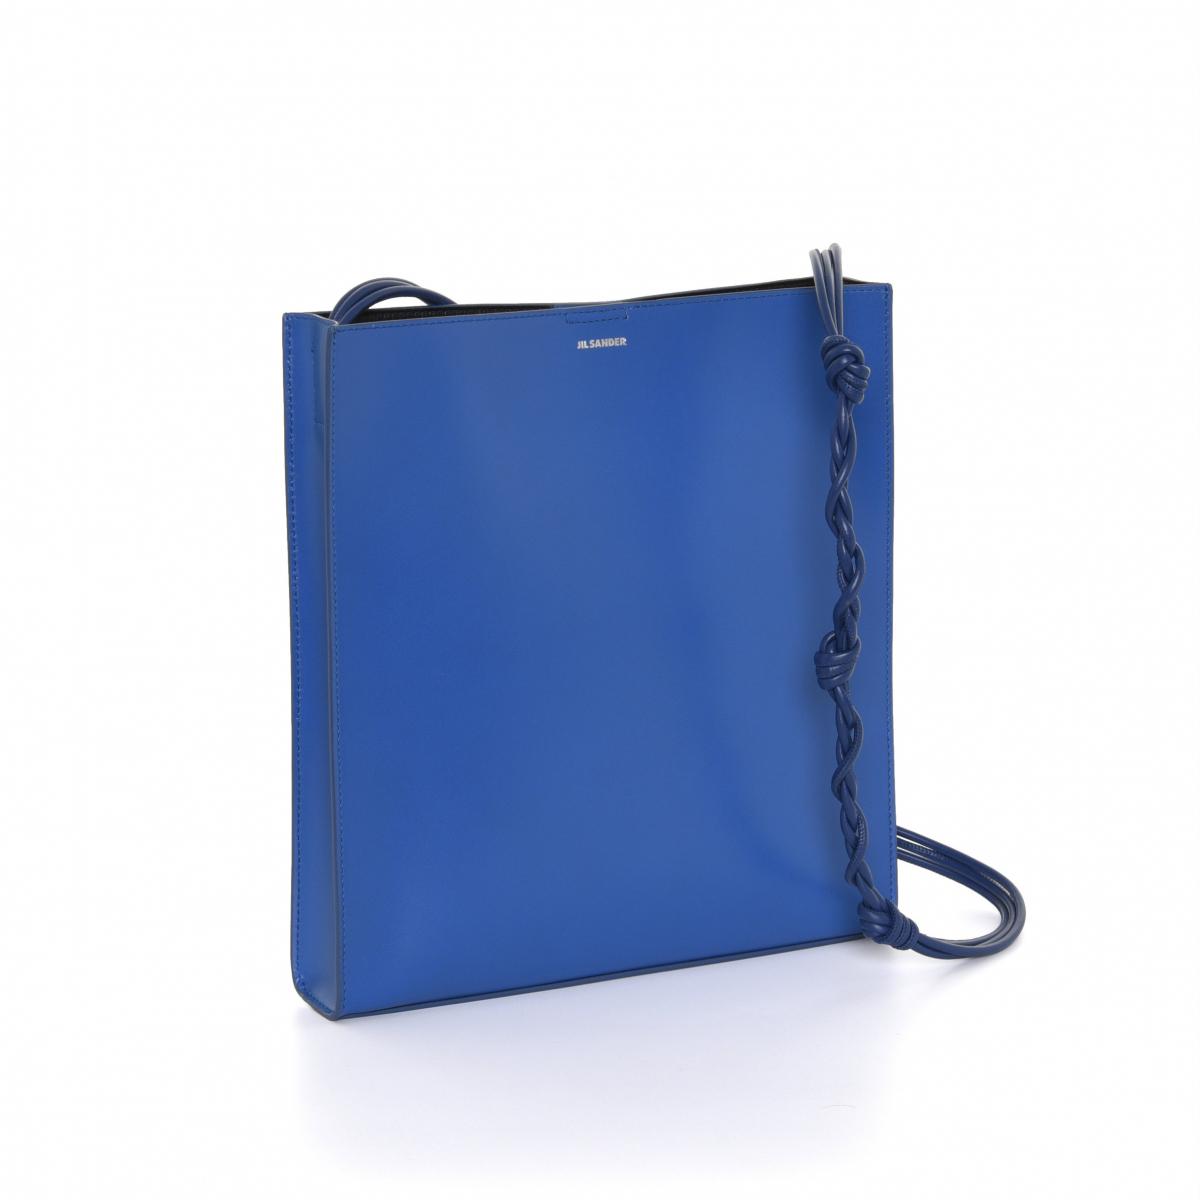 バッグ「タングル ミディアム」〈H28×W26×D5㎝〉¥120,000/オンワードグローバルファッション(ジル・サンダー)